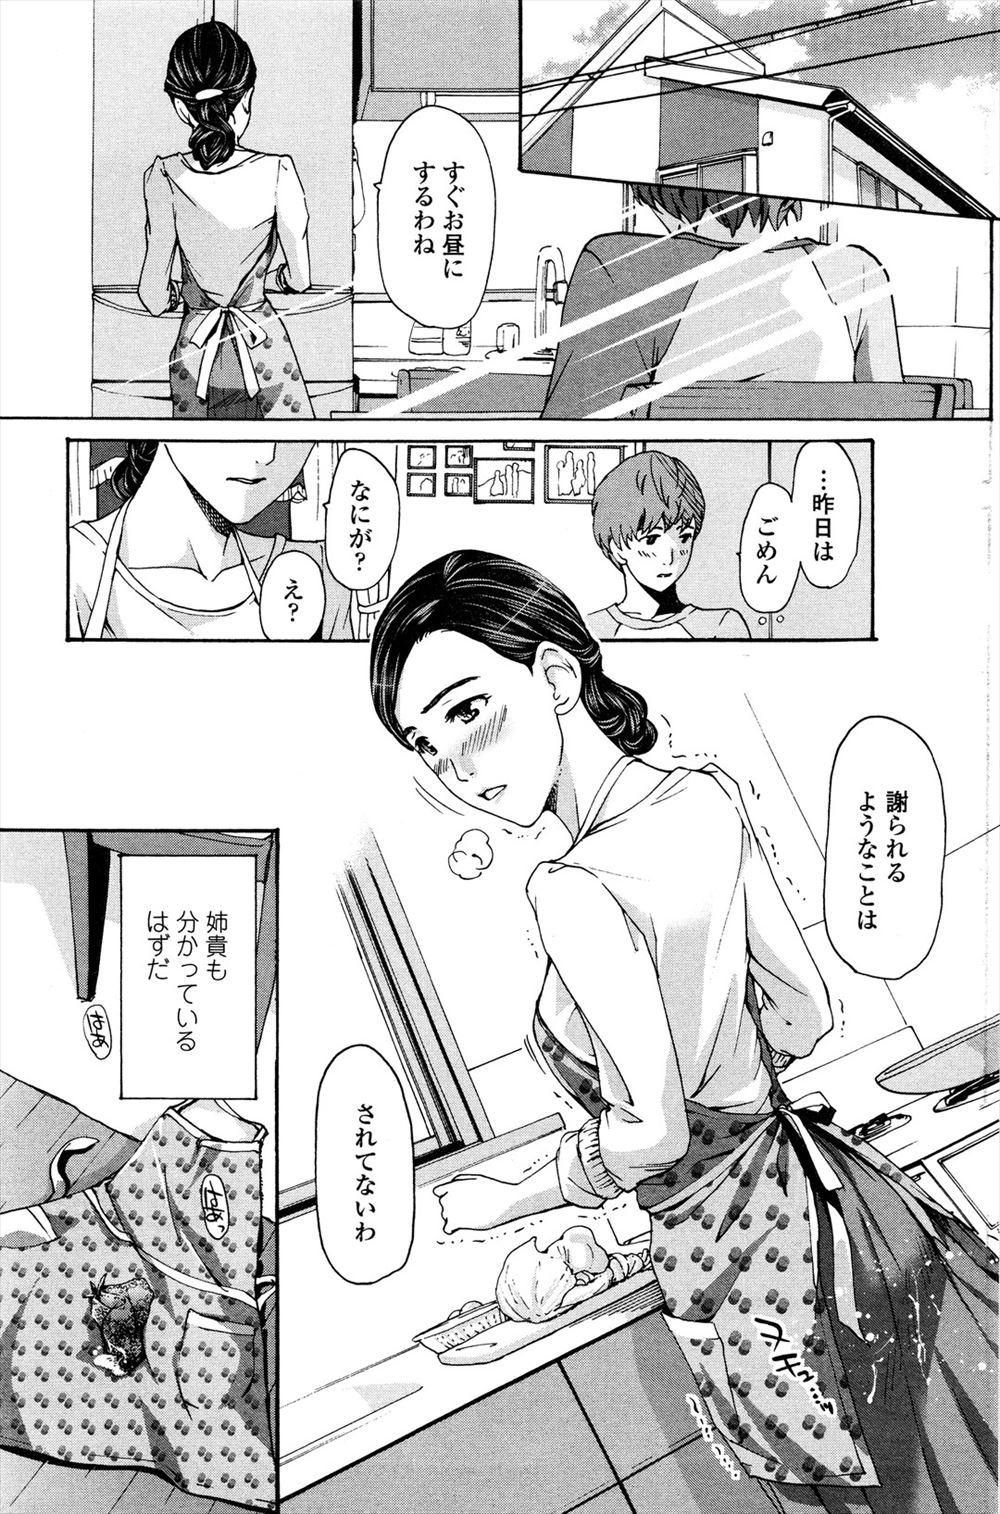 【エロ漫画・エロ同人誌】彼女と別れて実家に帰ったらアラフォーの姉とエッチな関係になったンゴwww (17)